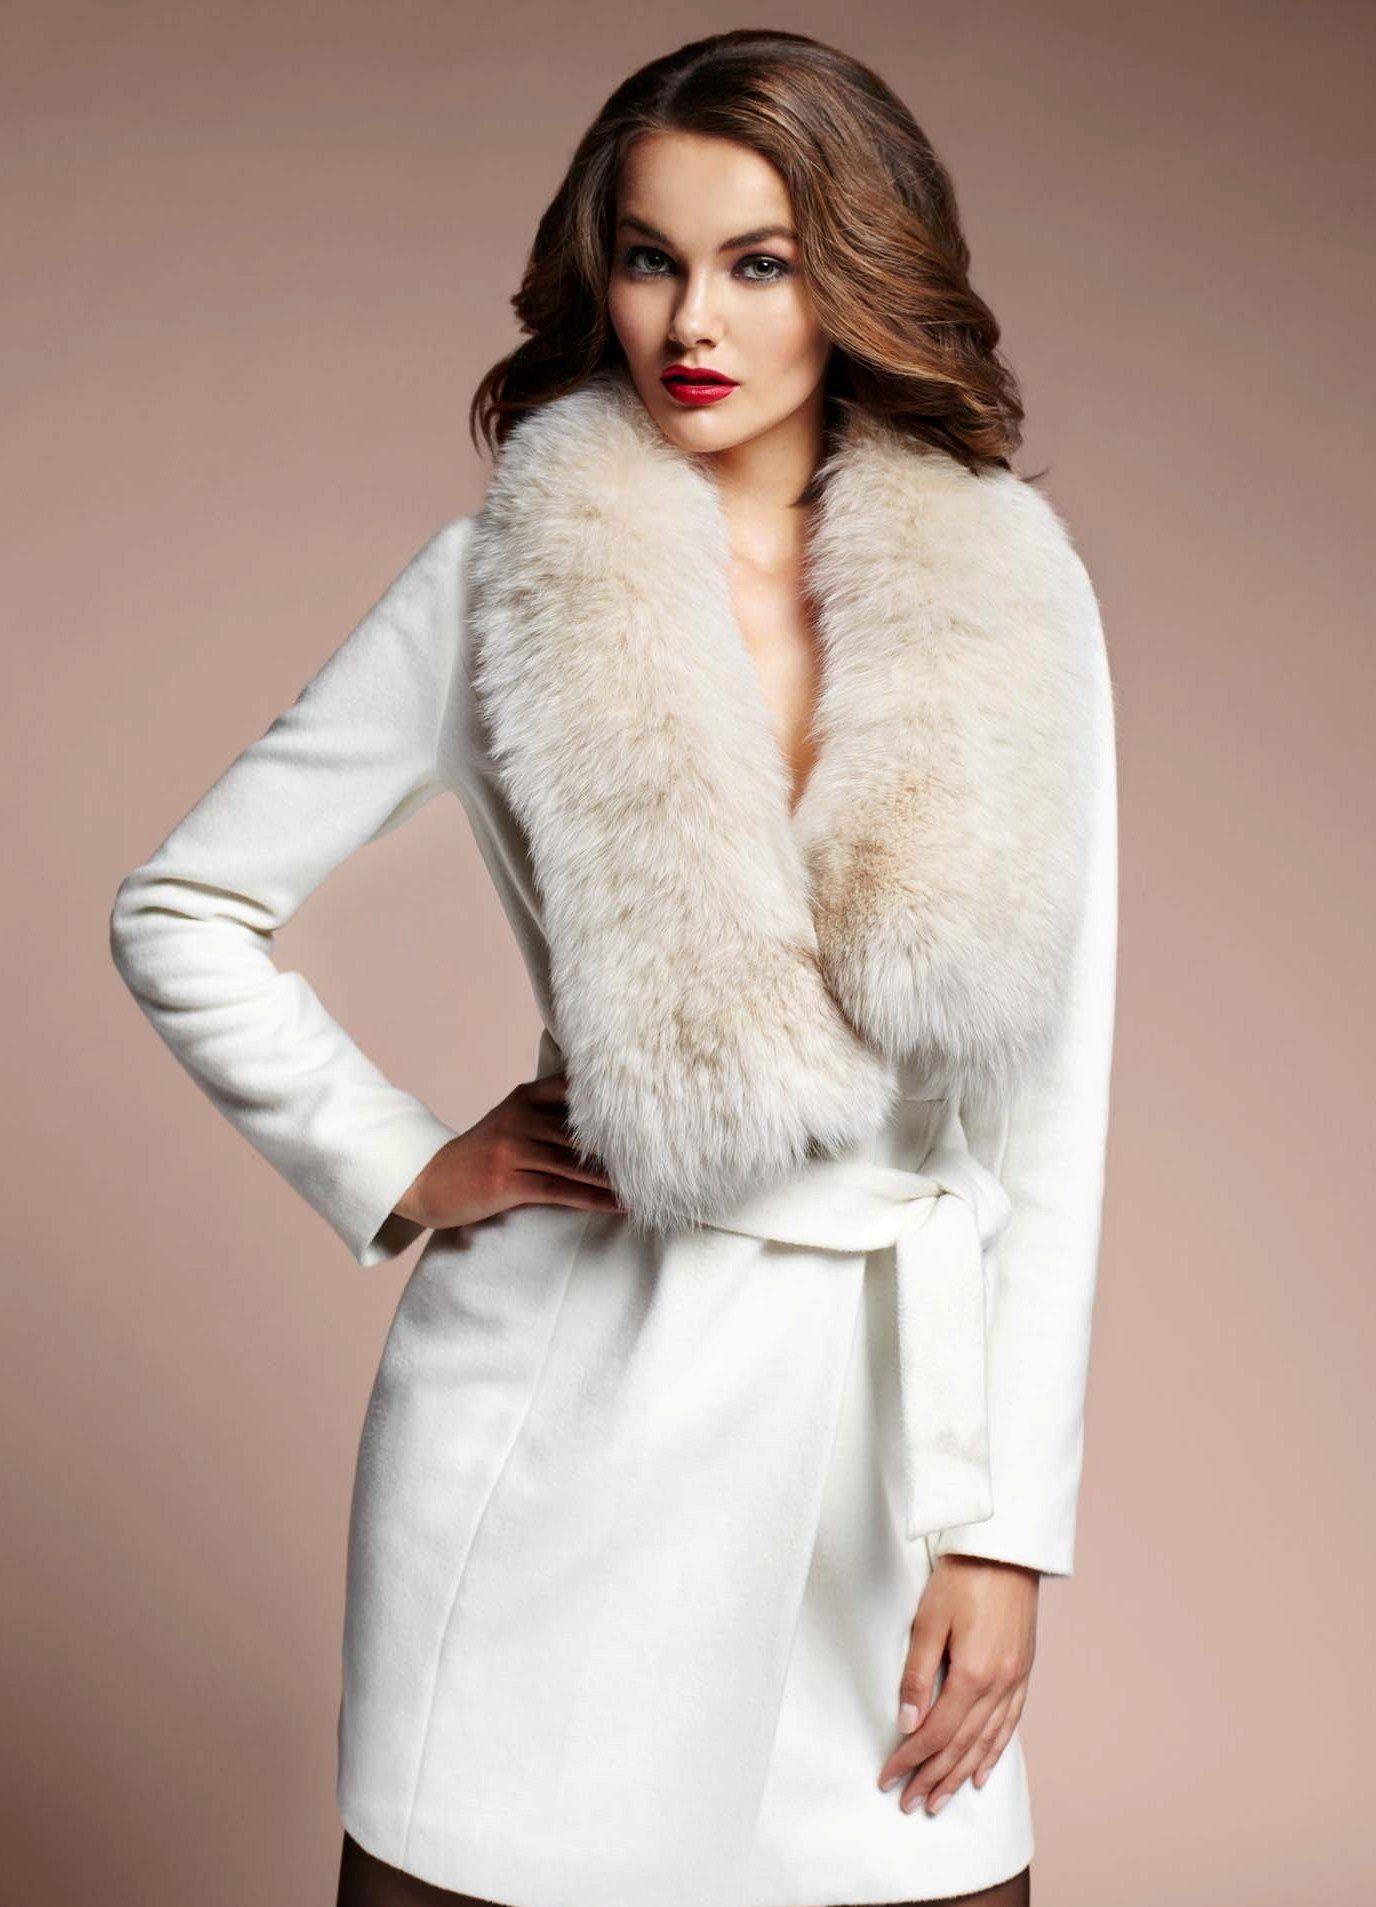 a5f6c70b3683 Зимнее женское кашемировое пальто с меховым воротником (75 фото)